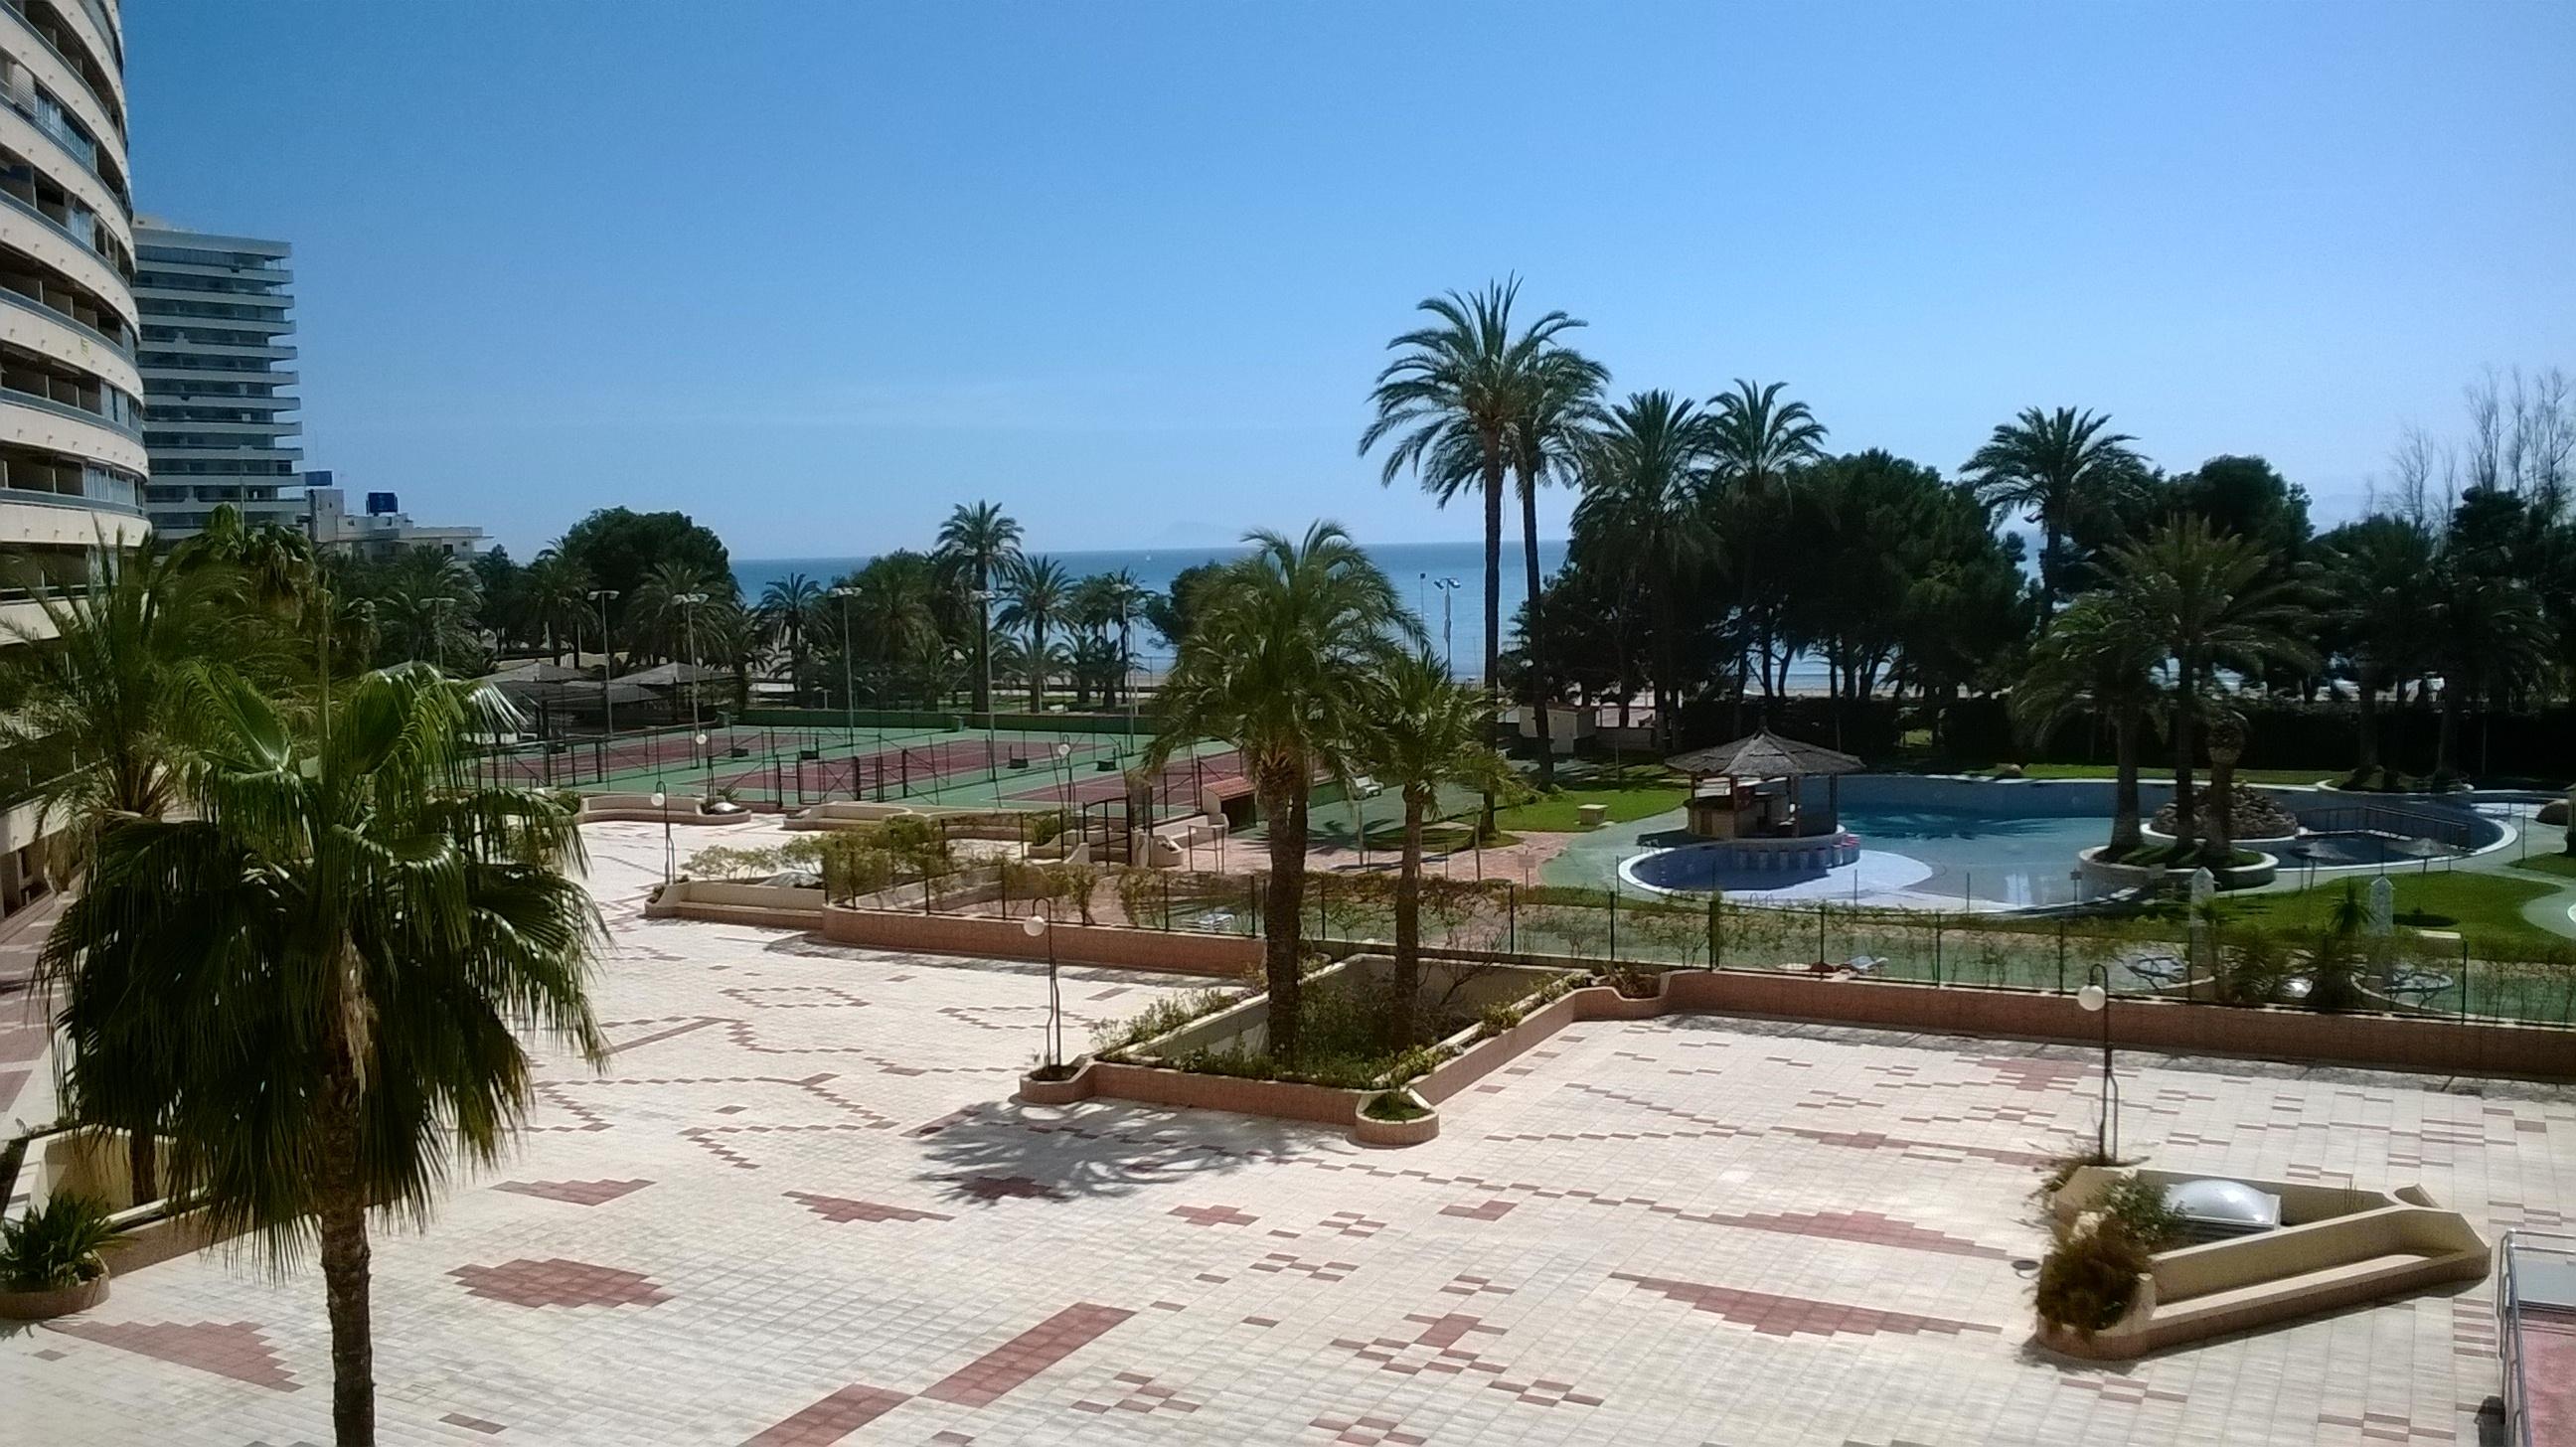 Inmobiliaria gestitur apartamento en primera l nea de playa rac 4103 inmobiliaria cullera - Venta apartamentos playa cullera ...